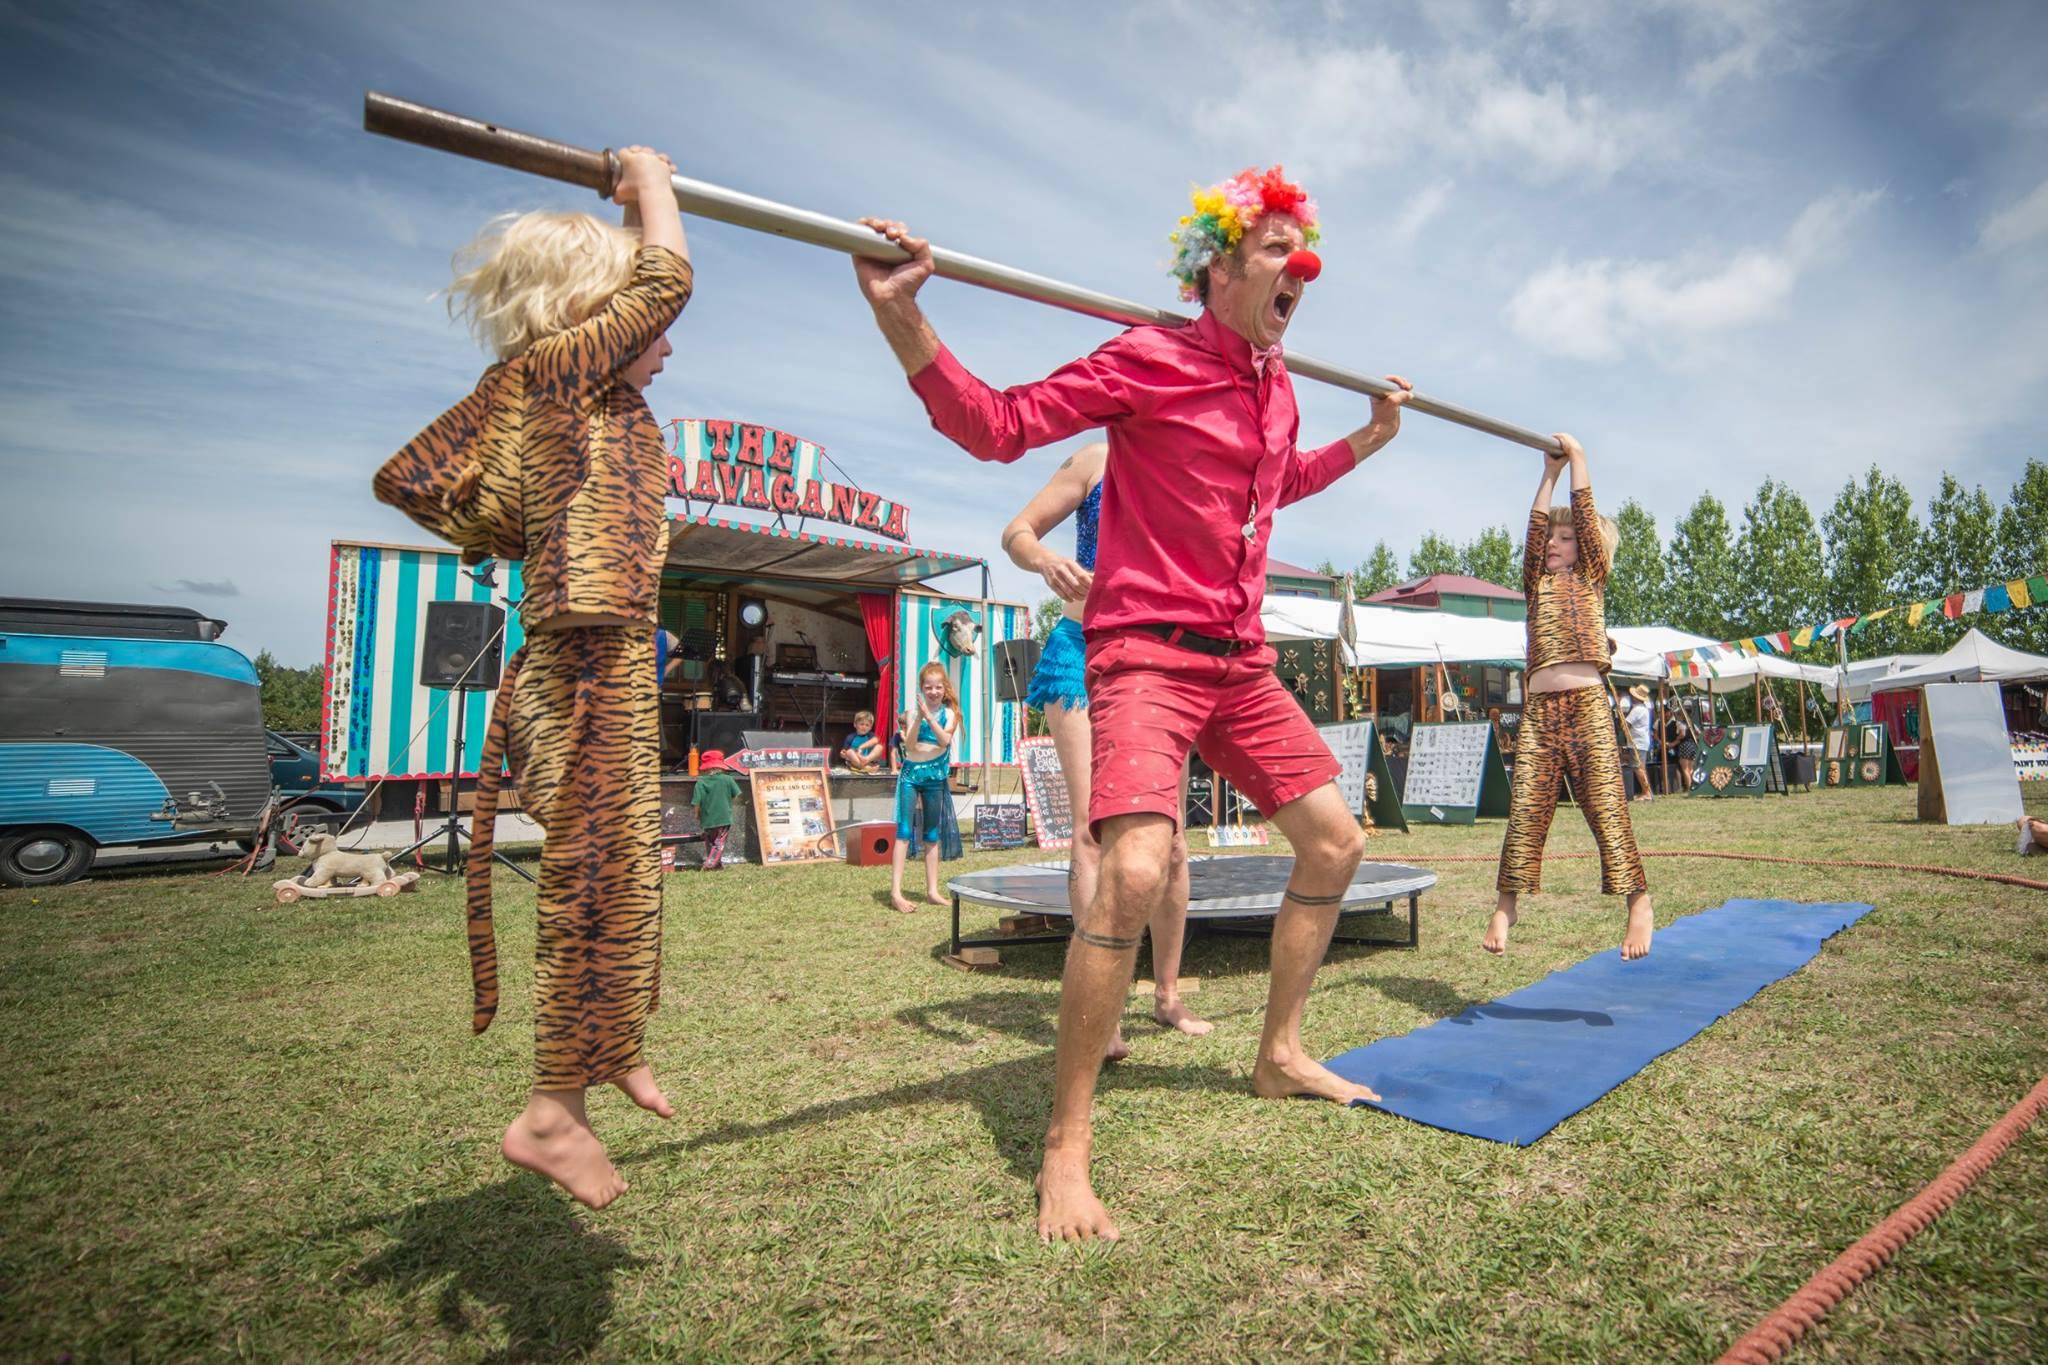 ashton clown lifting tigers.jpg